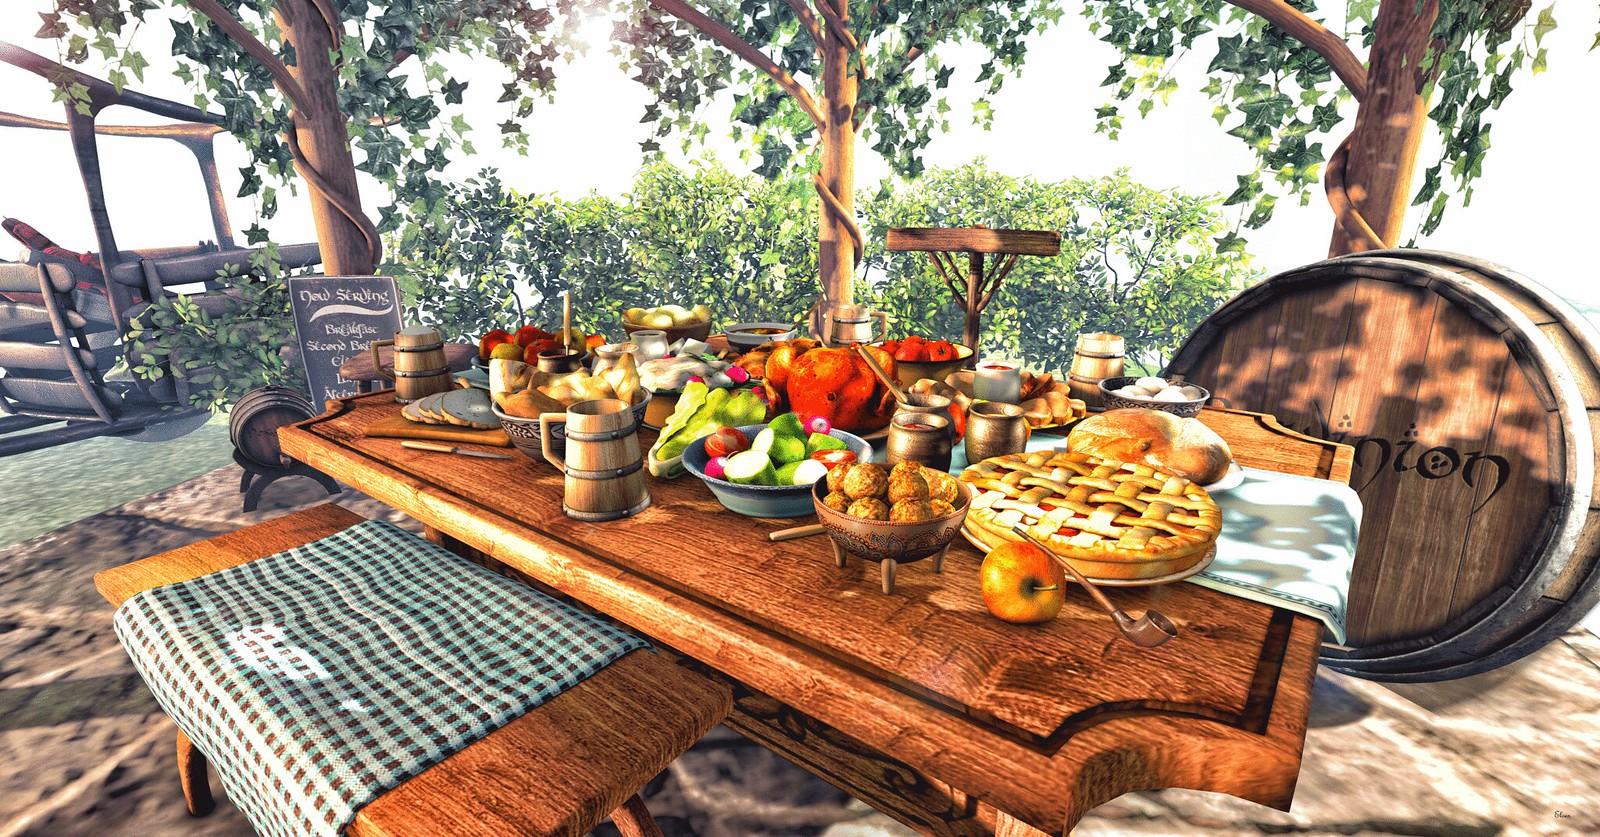 Hobbit's Dinner